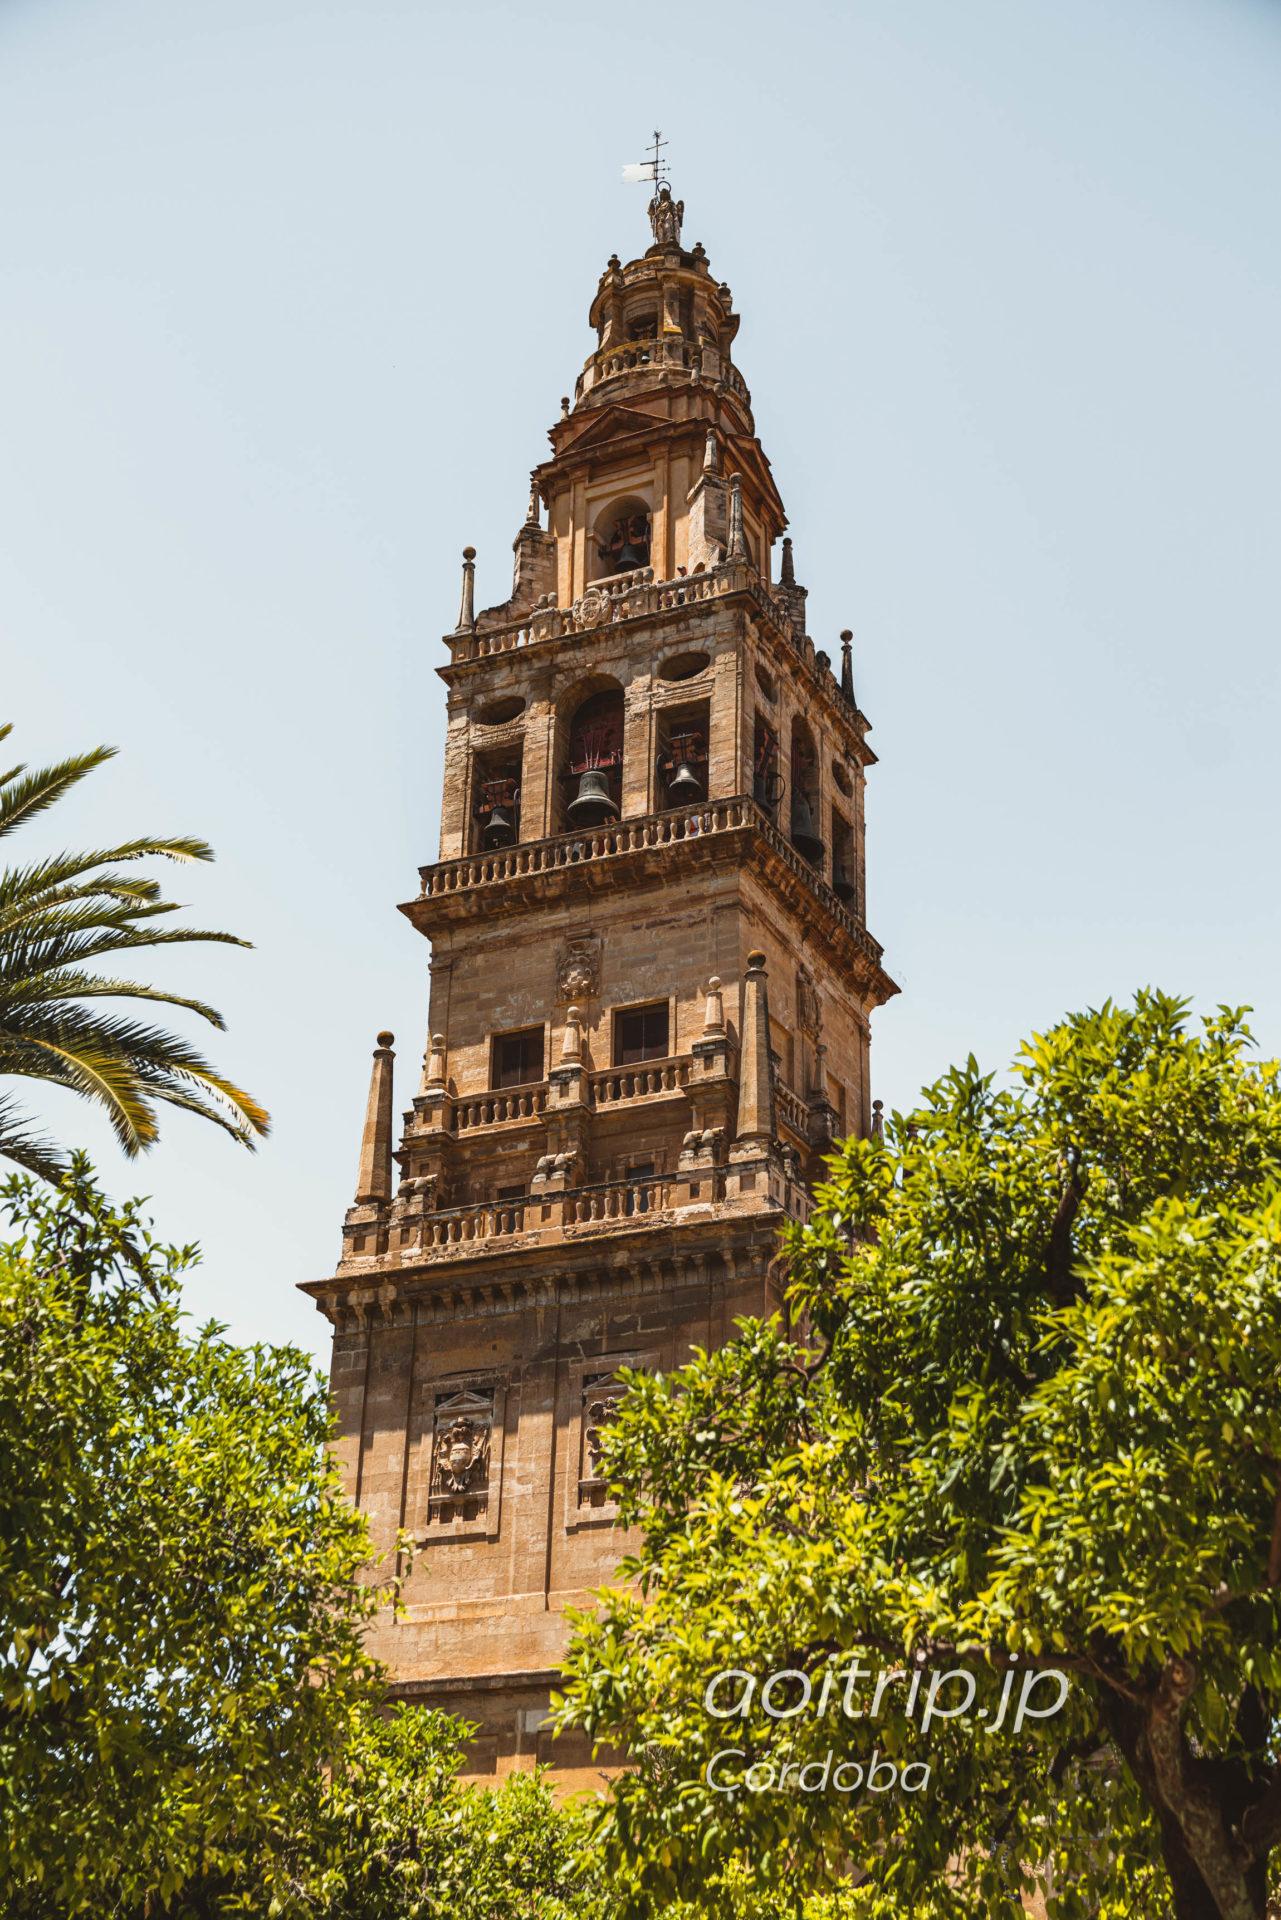 コルドバ メスキータの塔・鐘楼